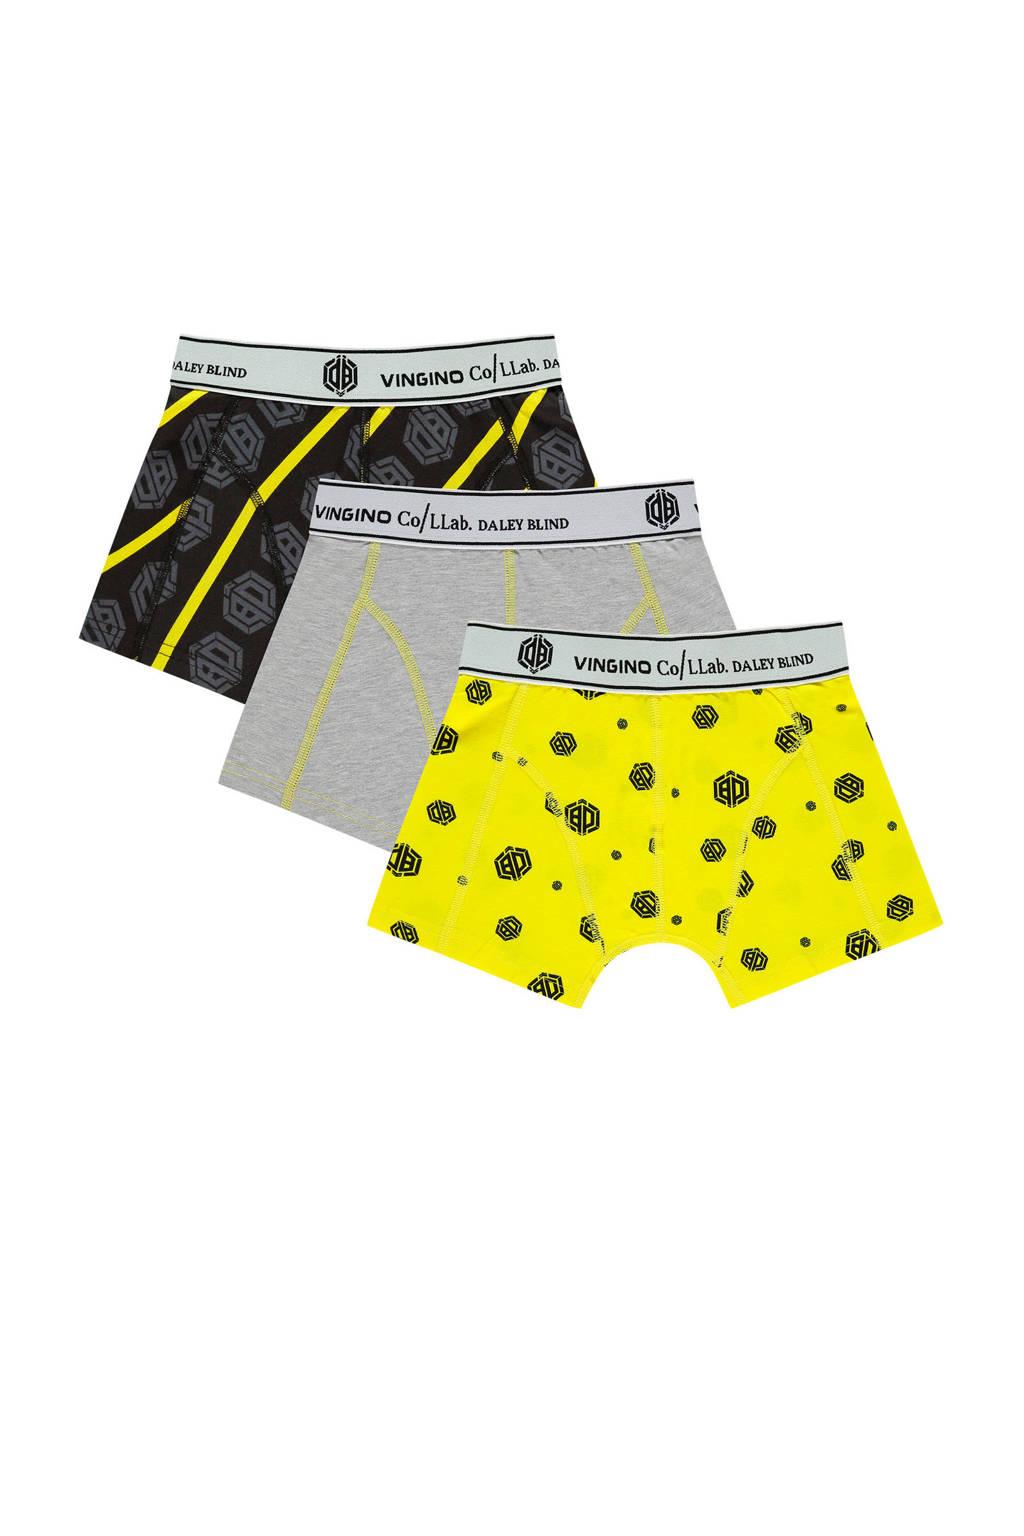 Vingino Daley Blind   boxershort - set van 3 geel/grijs/zwart, Geel/Grijs/Zwart